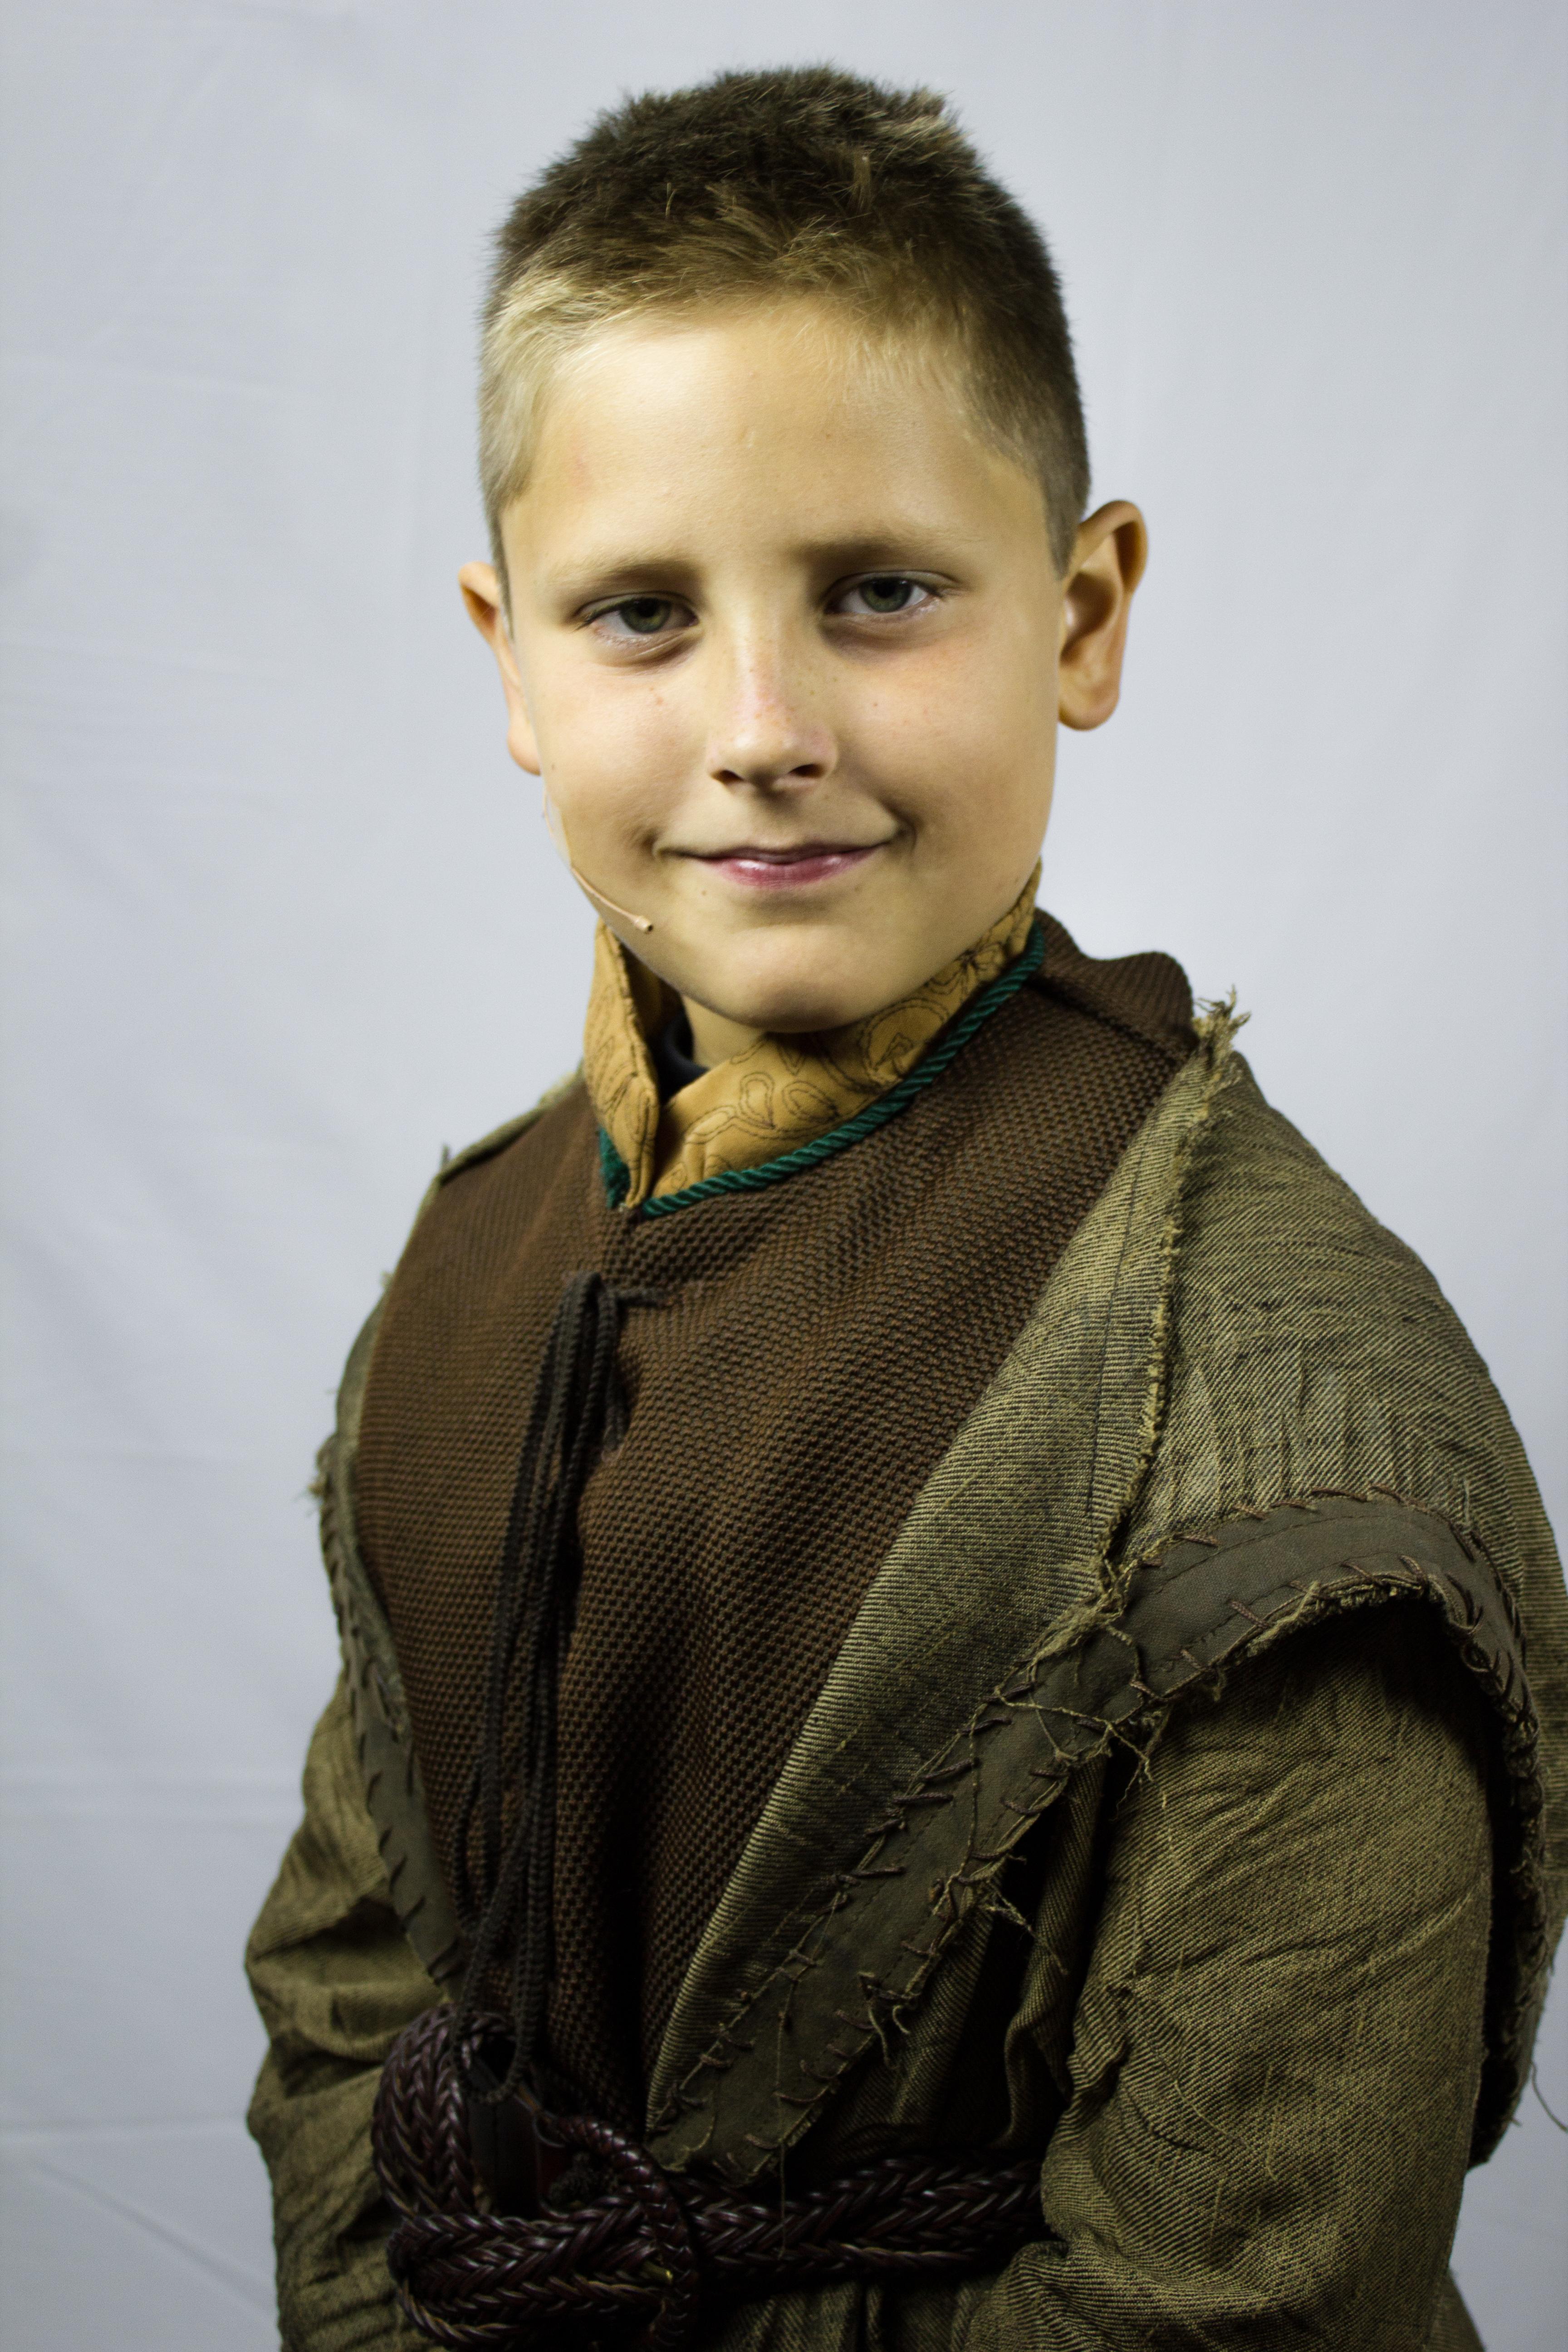 Boy Who Cried Wolf Quinn